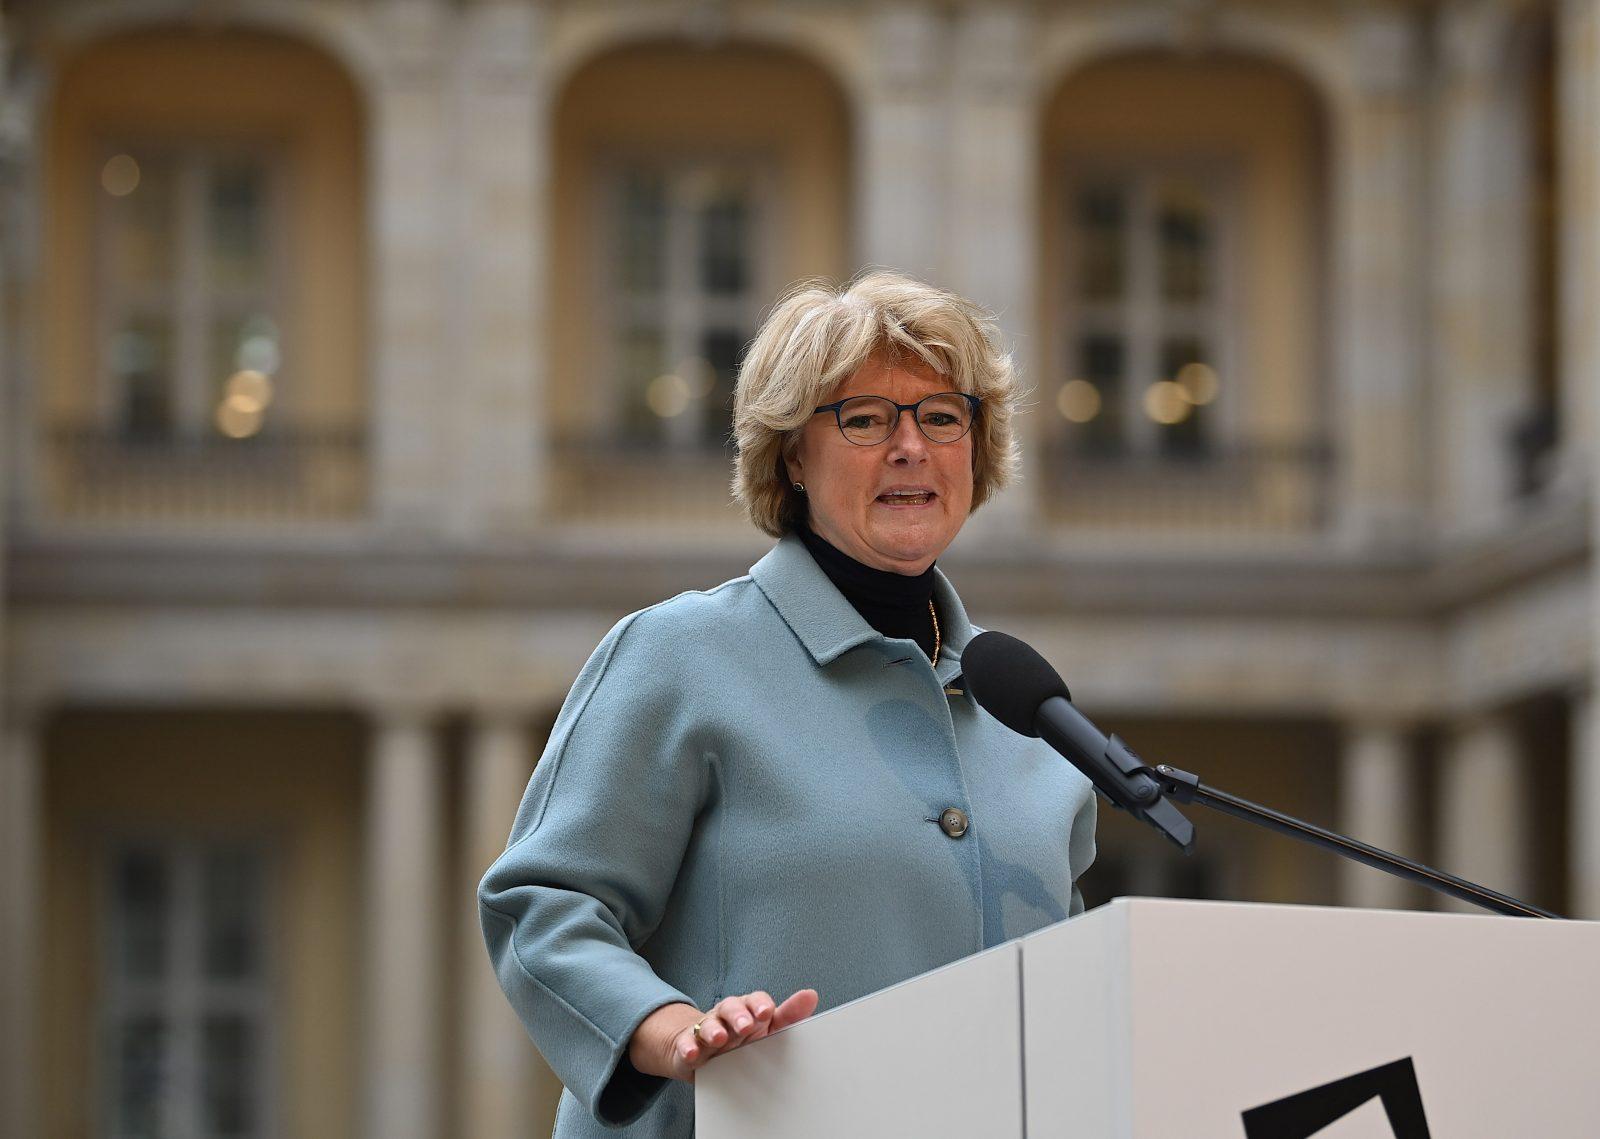 Kulturstaatsministerin Monika Grütters (CDU): Eine Gedenkstätte zu deutschen Verbrechen im Zweiten Weltkrieg sei ein wichtiges erinnerungspolitisches Vorhaben